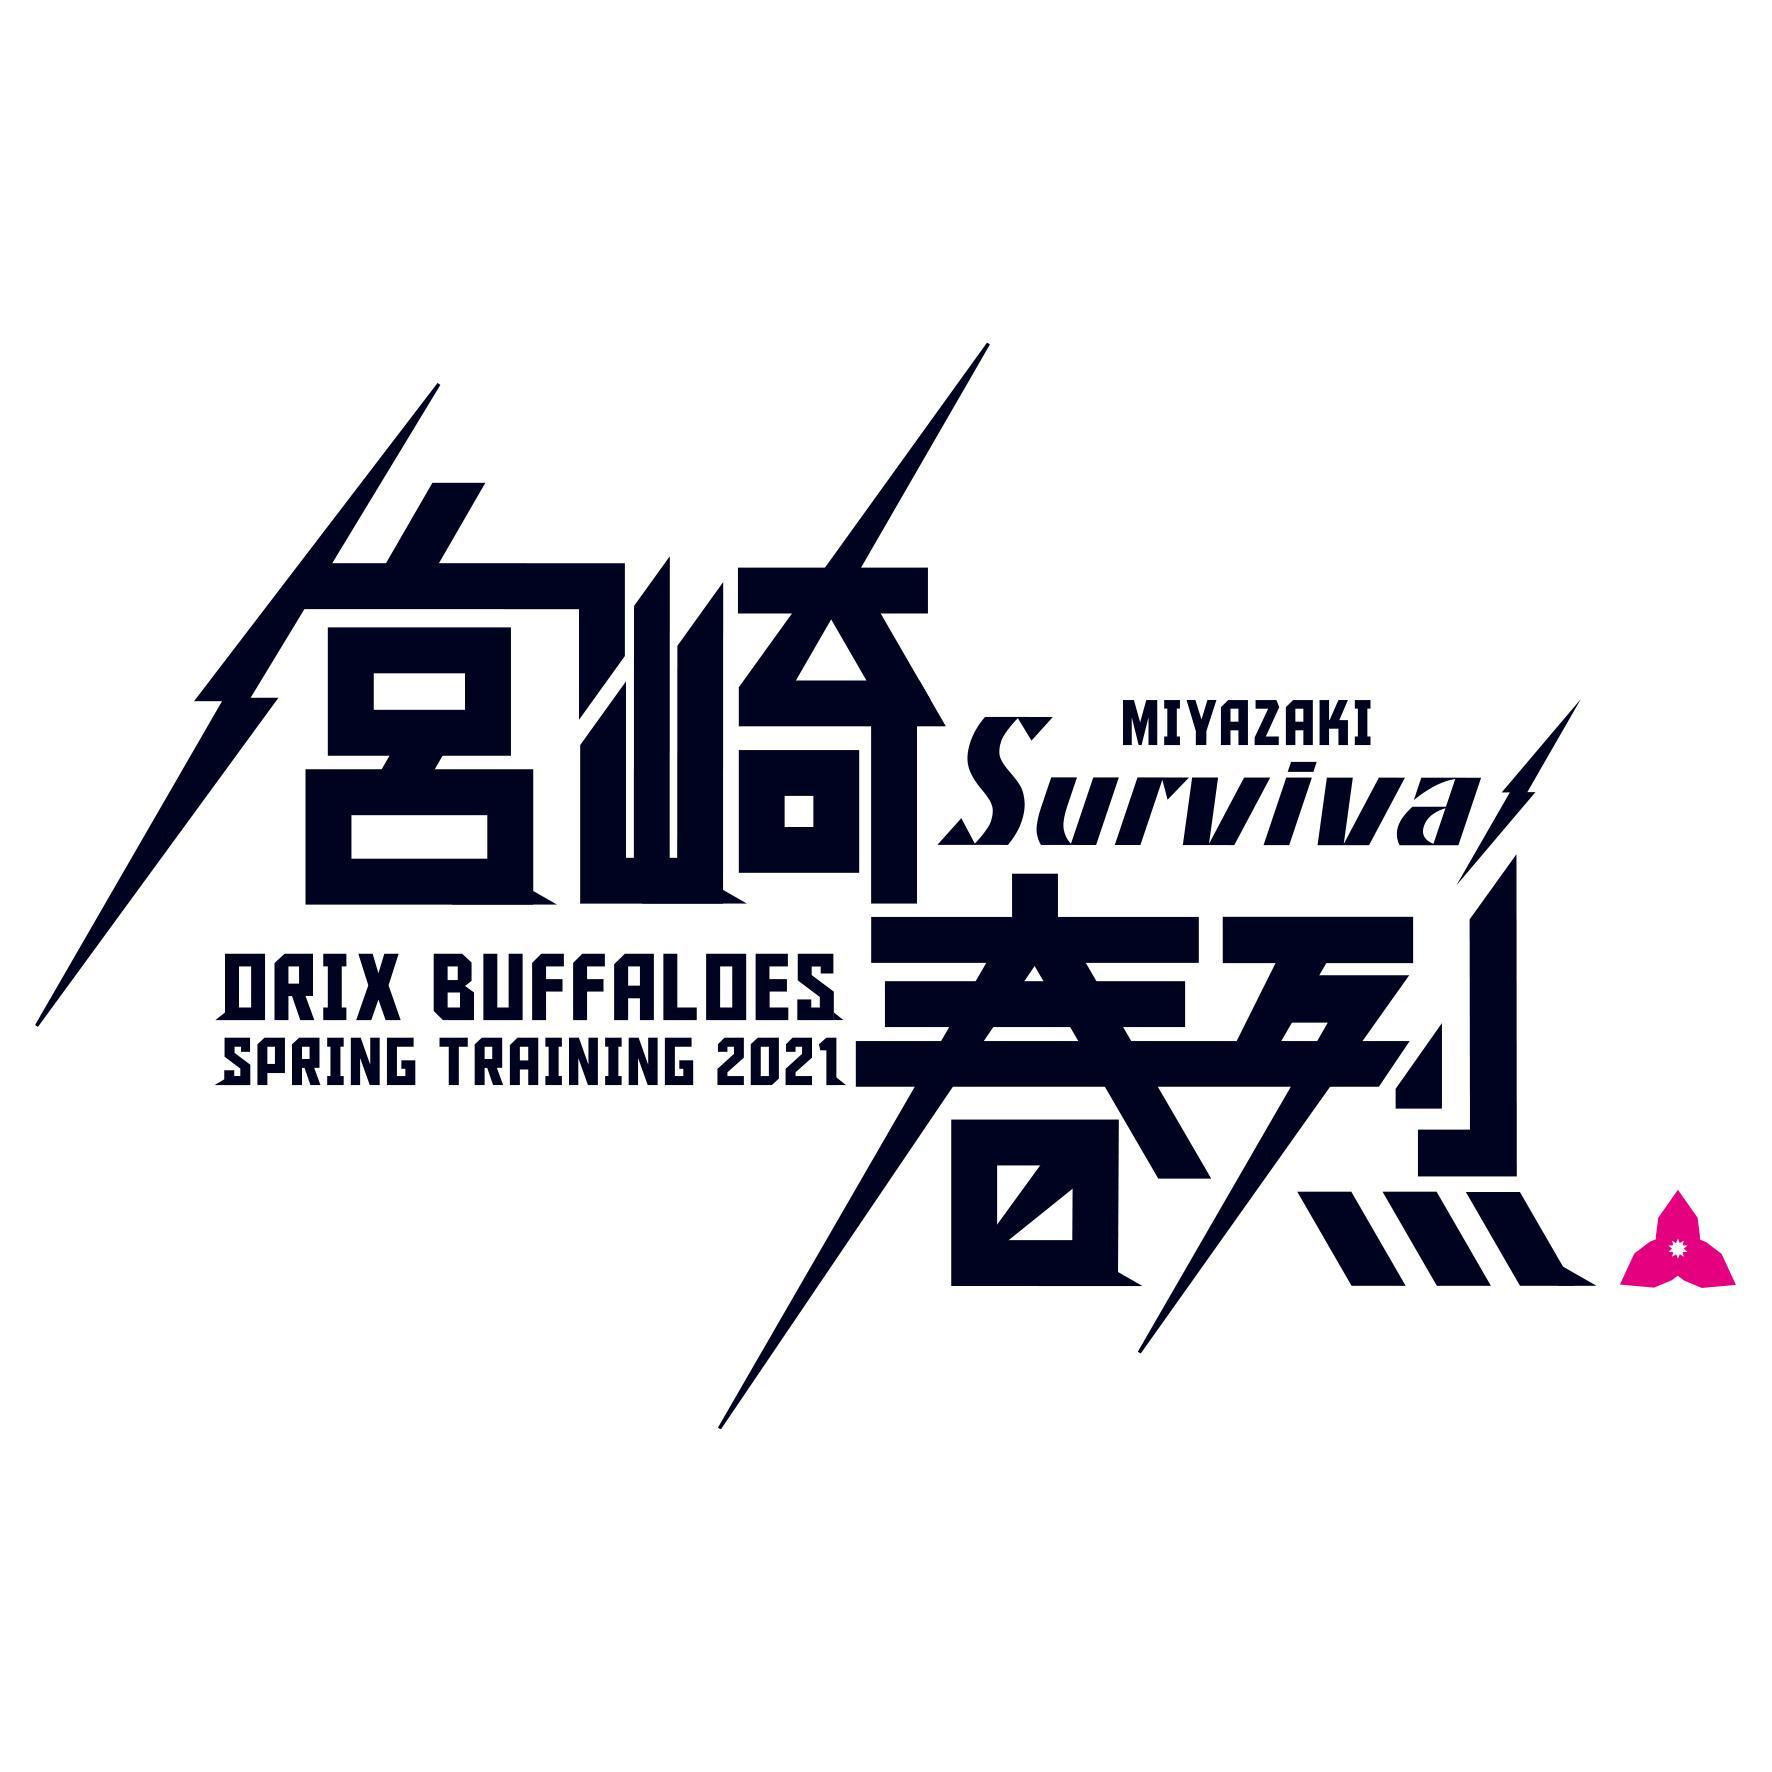 オリックス・バファローズ2021年宮崎春季キャンプについて-1